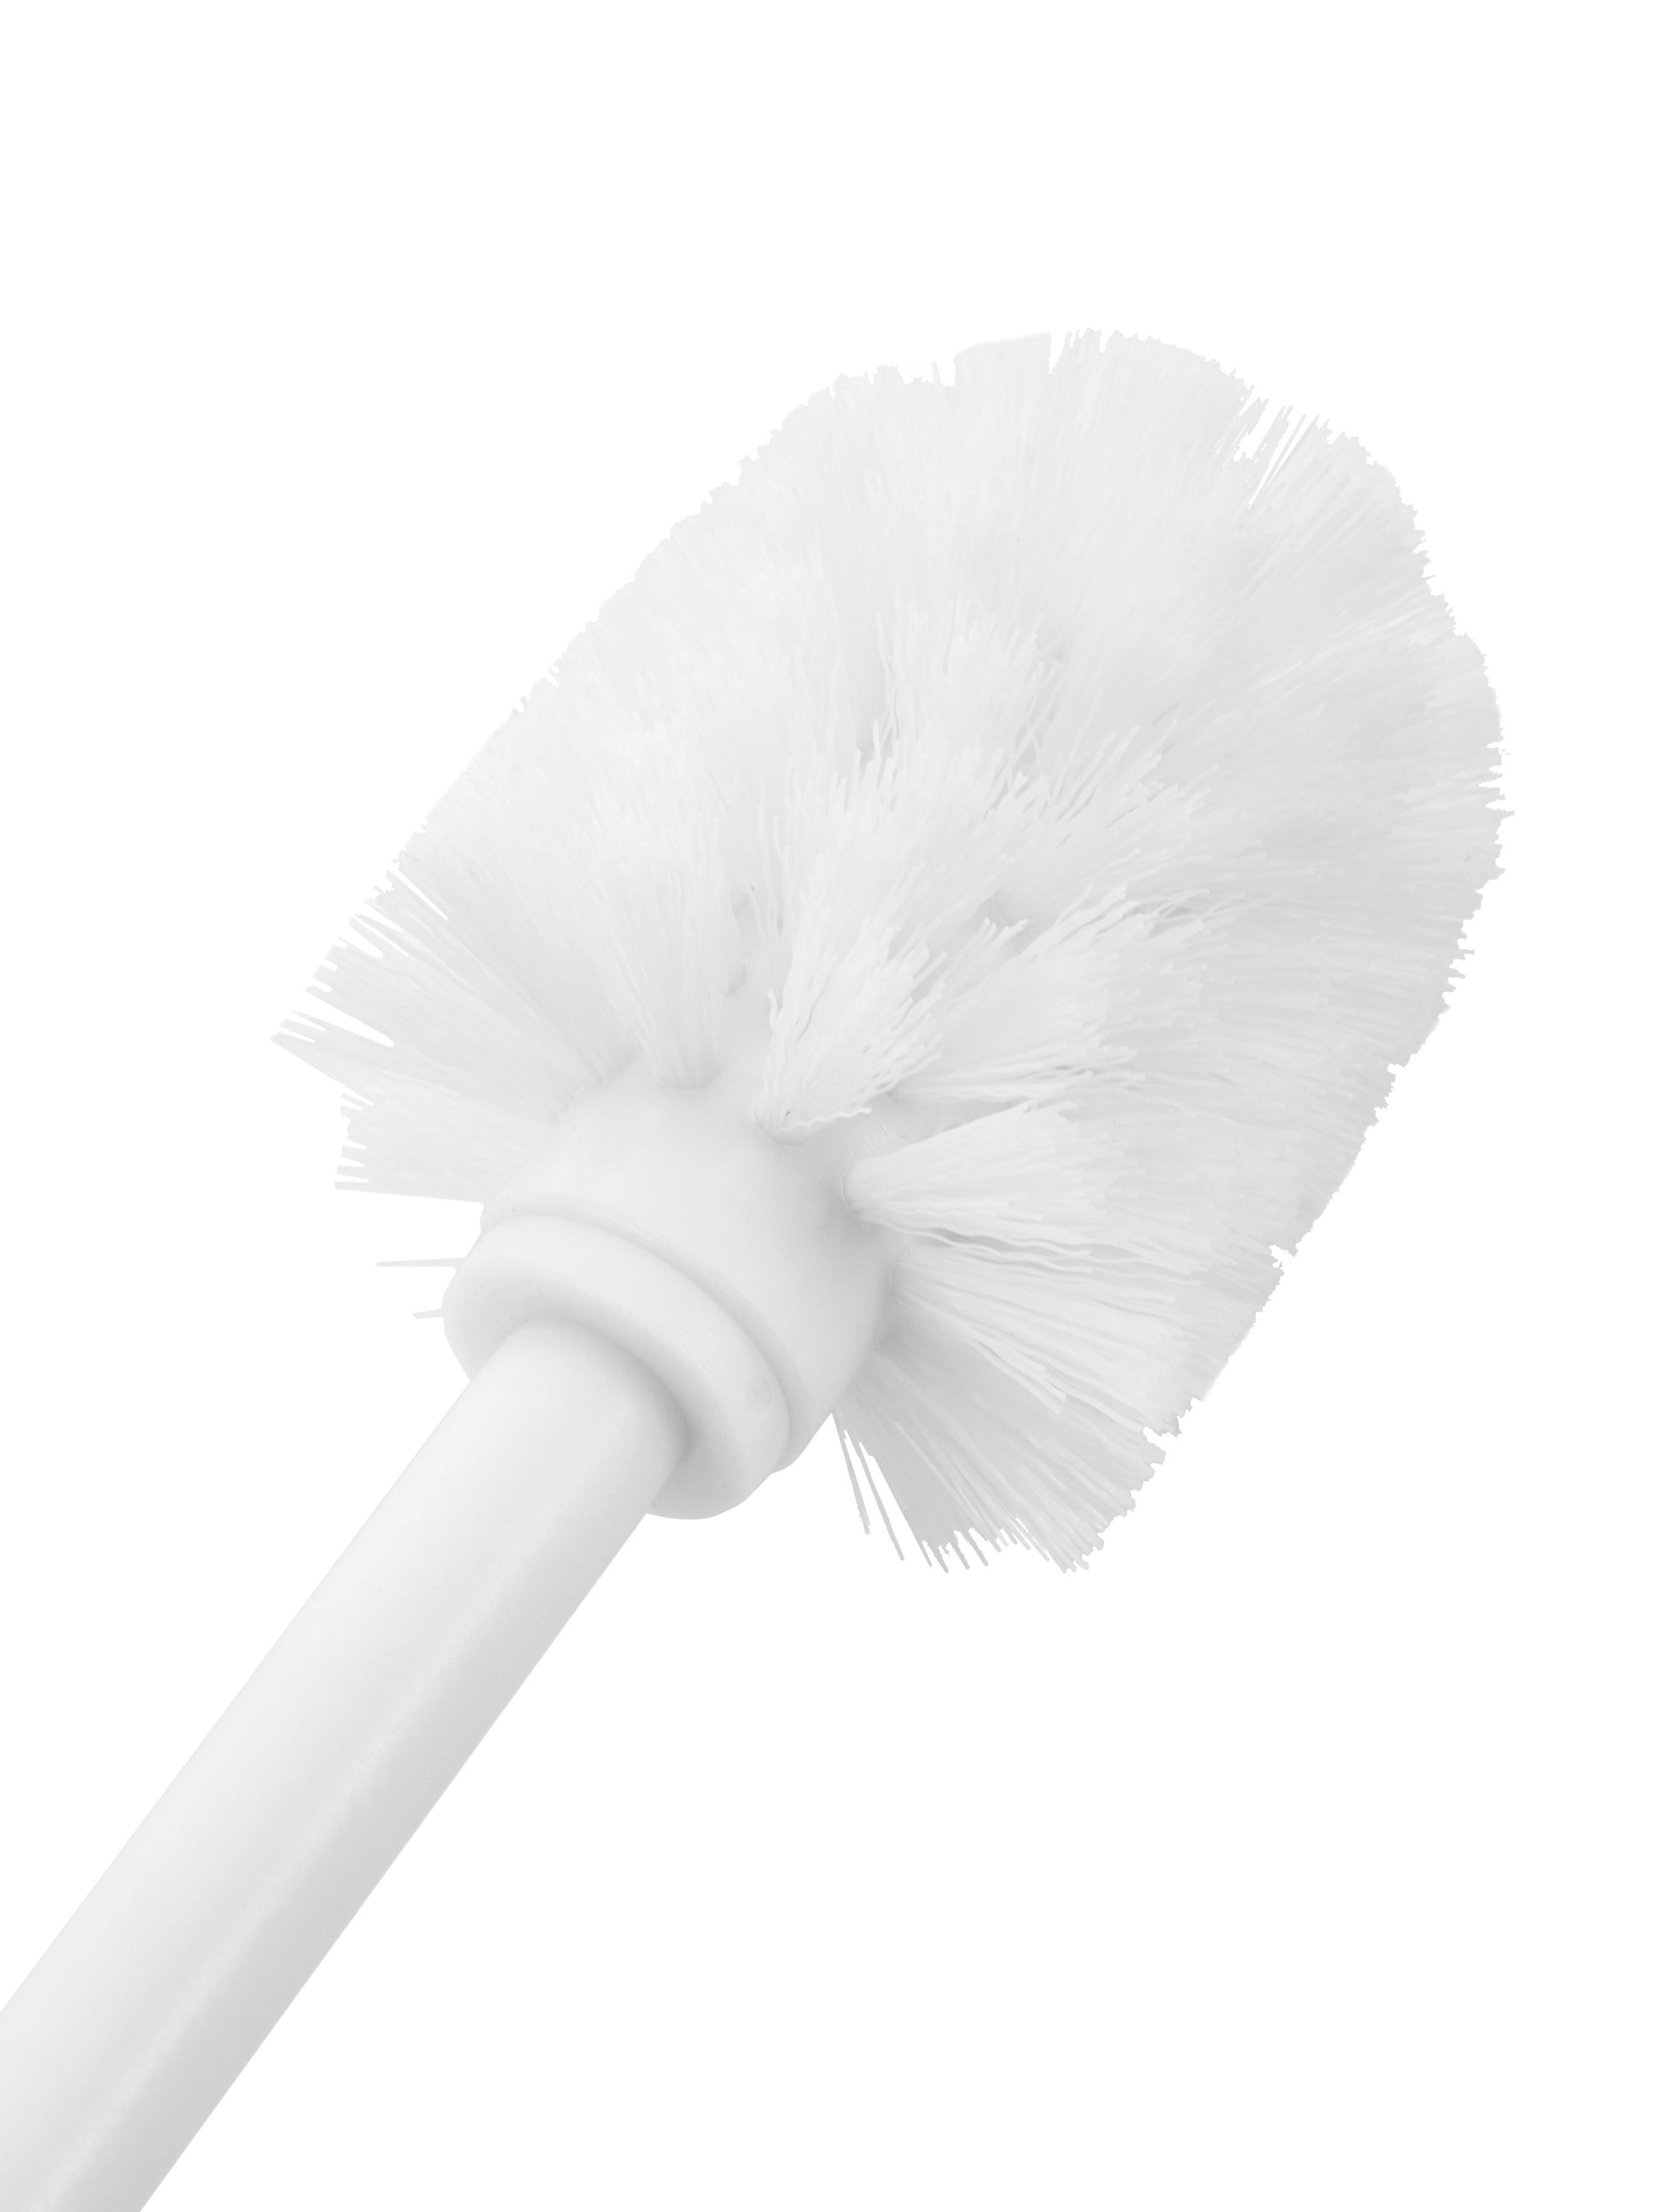 Toilettenbürste Wili mit Akazienholz-Abdeckung, Behälter: Keramik, Griff: Edelstahl, verchromt, Weiß, Akazienholz, Ø 11 x H 37 cm